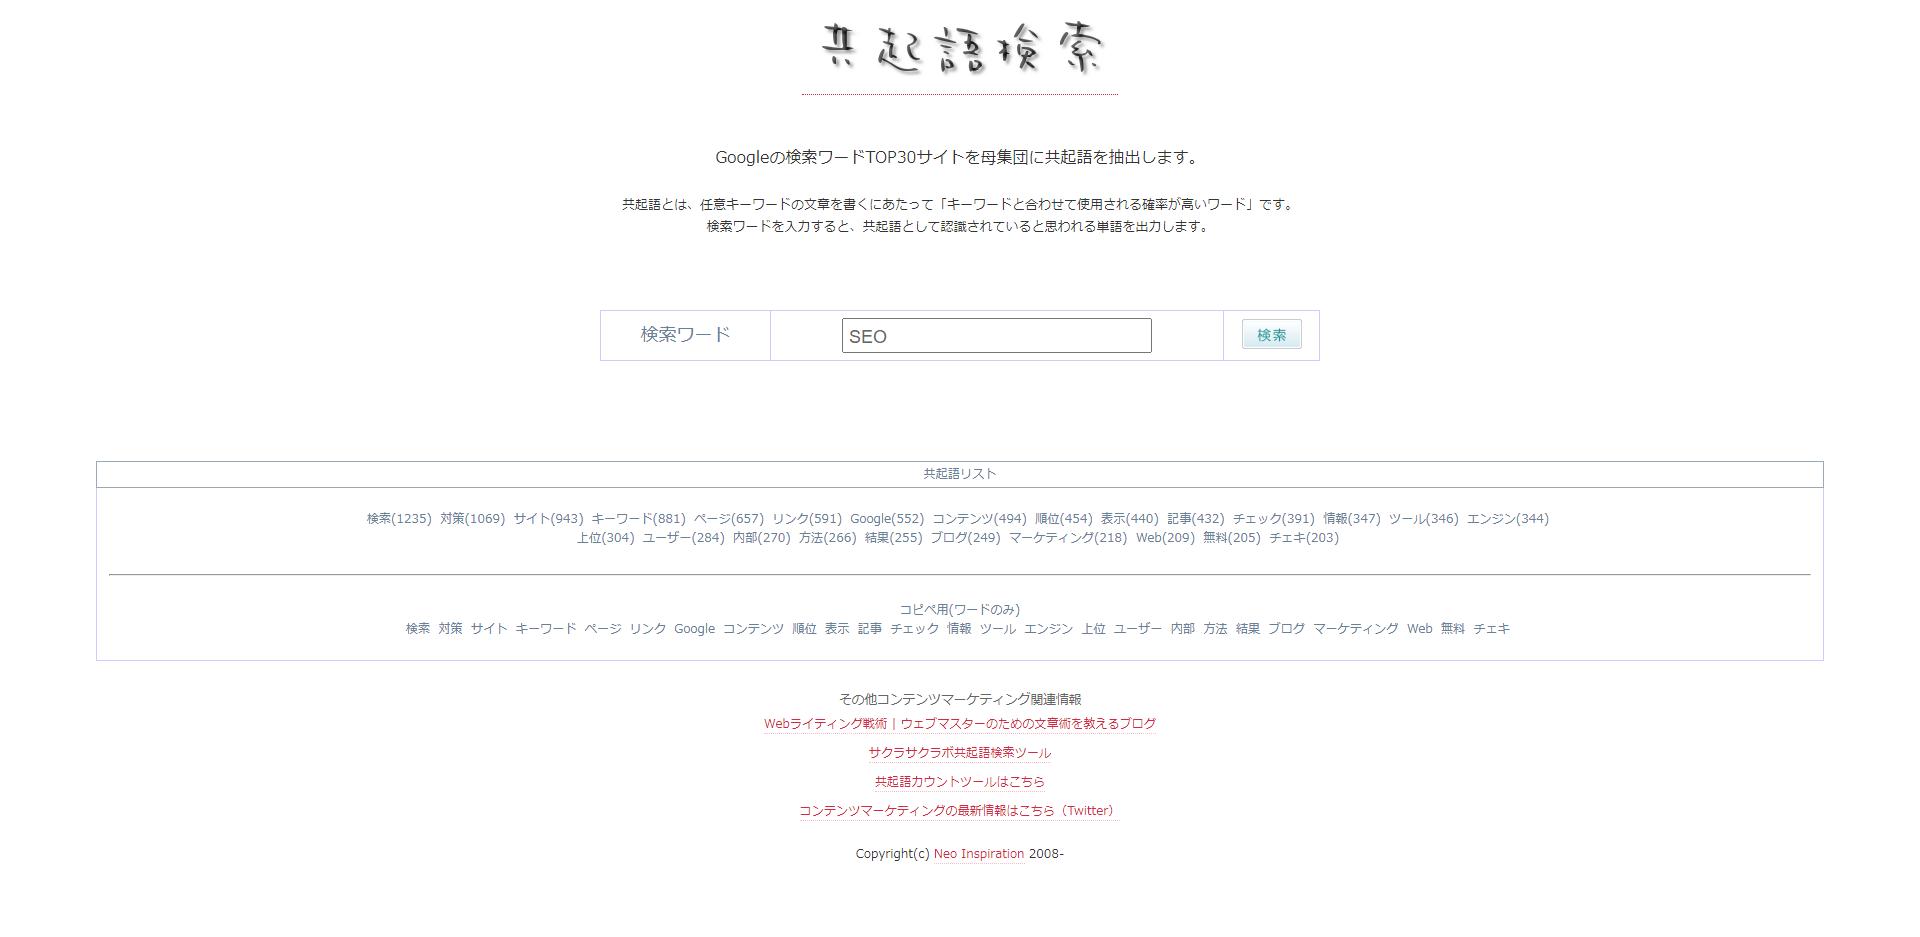 共起語検索ツール - neoinspire.net